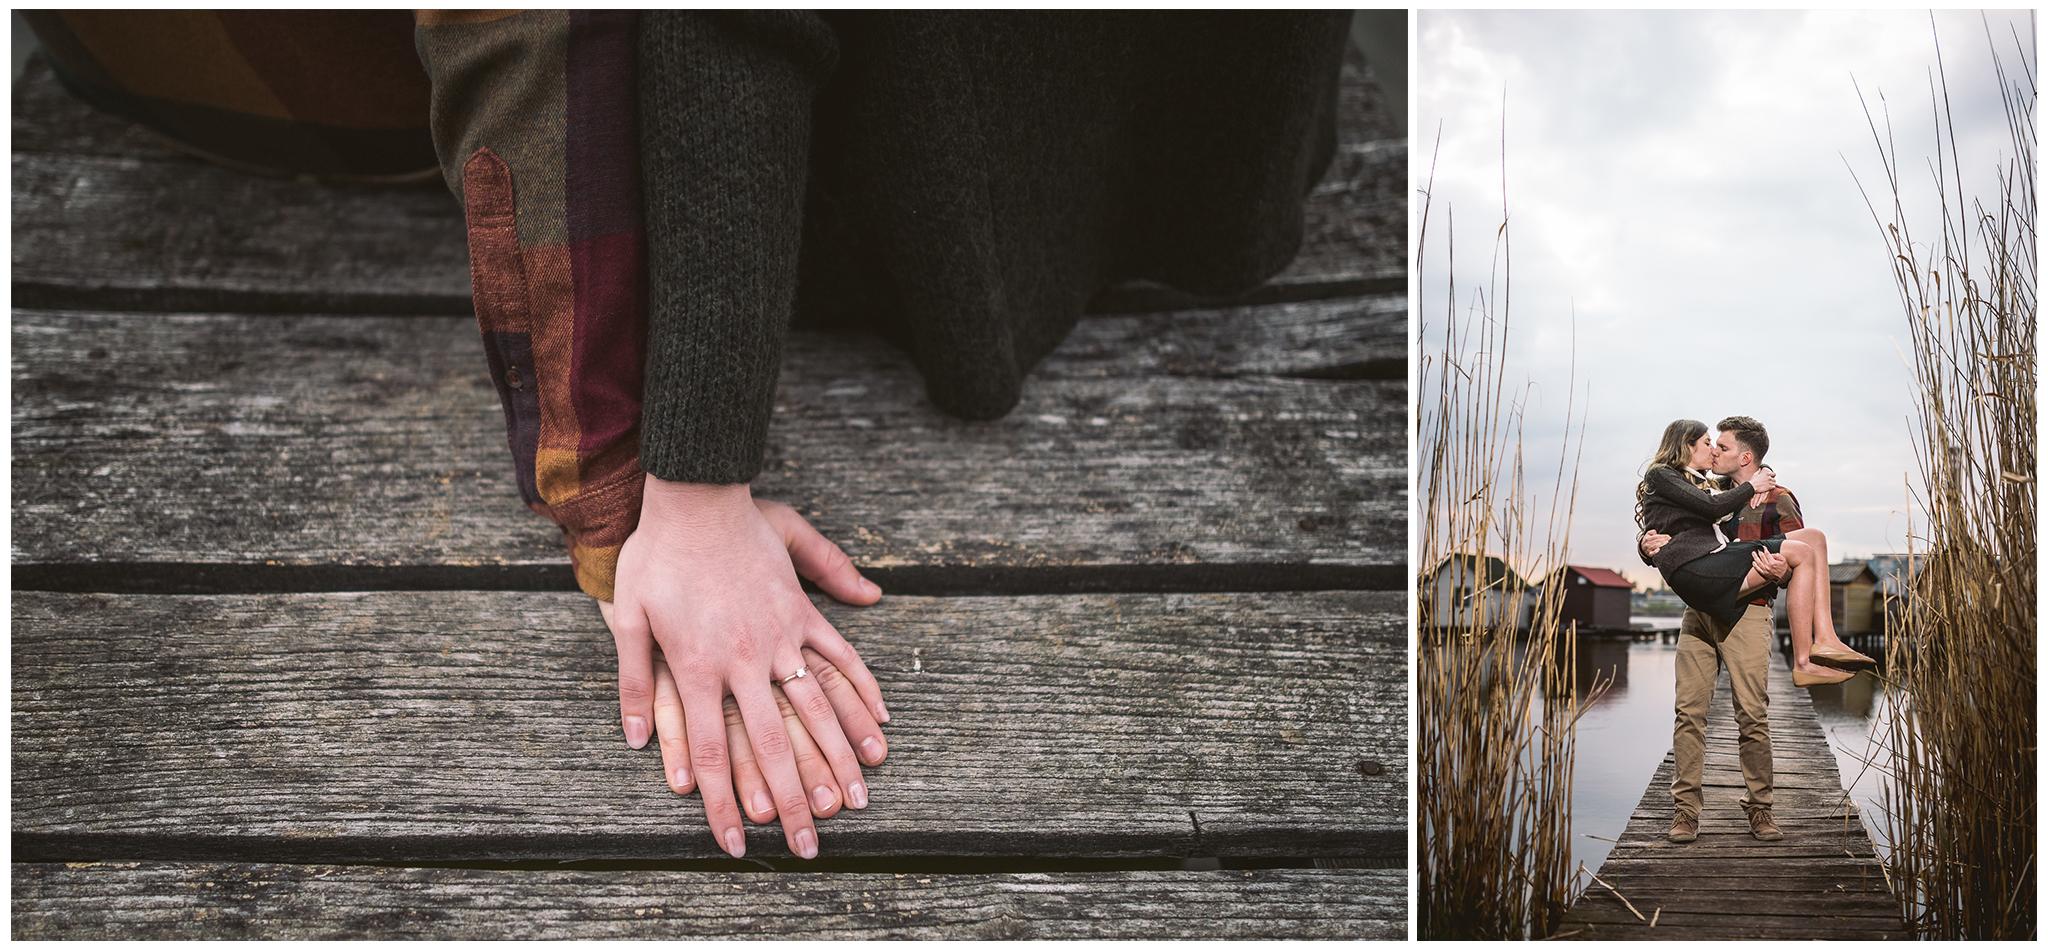 FylepPhoto, esküvőfotózás, magyarország, esküvői fotós, vasmegye, prémium, jegyesfotózás, Fülöp Péter, körmend, kreatív, tihany, Bokod_ 04.jpg